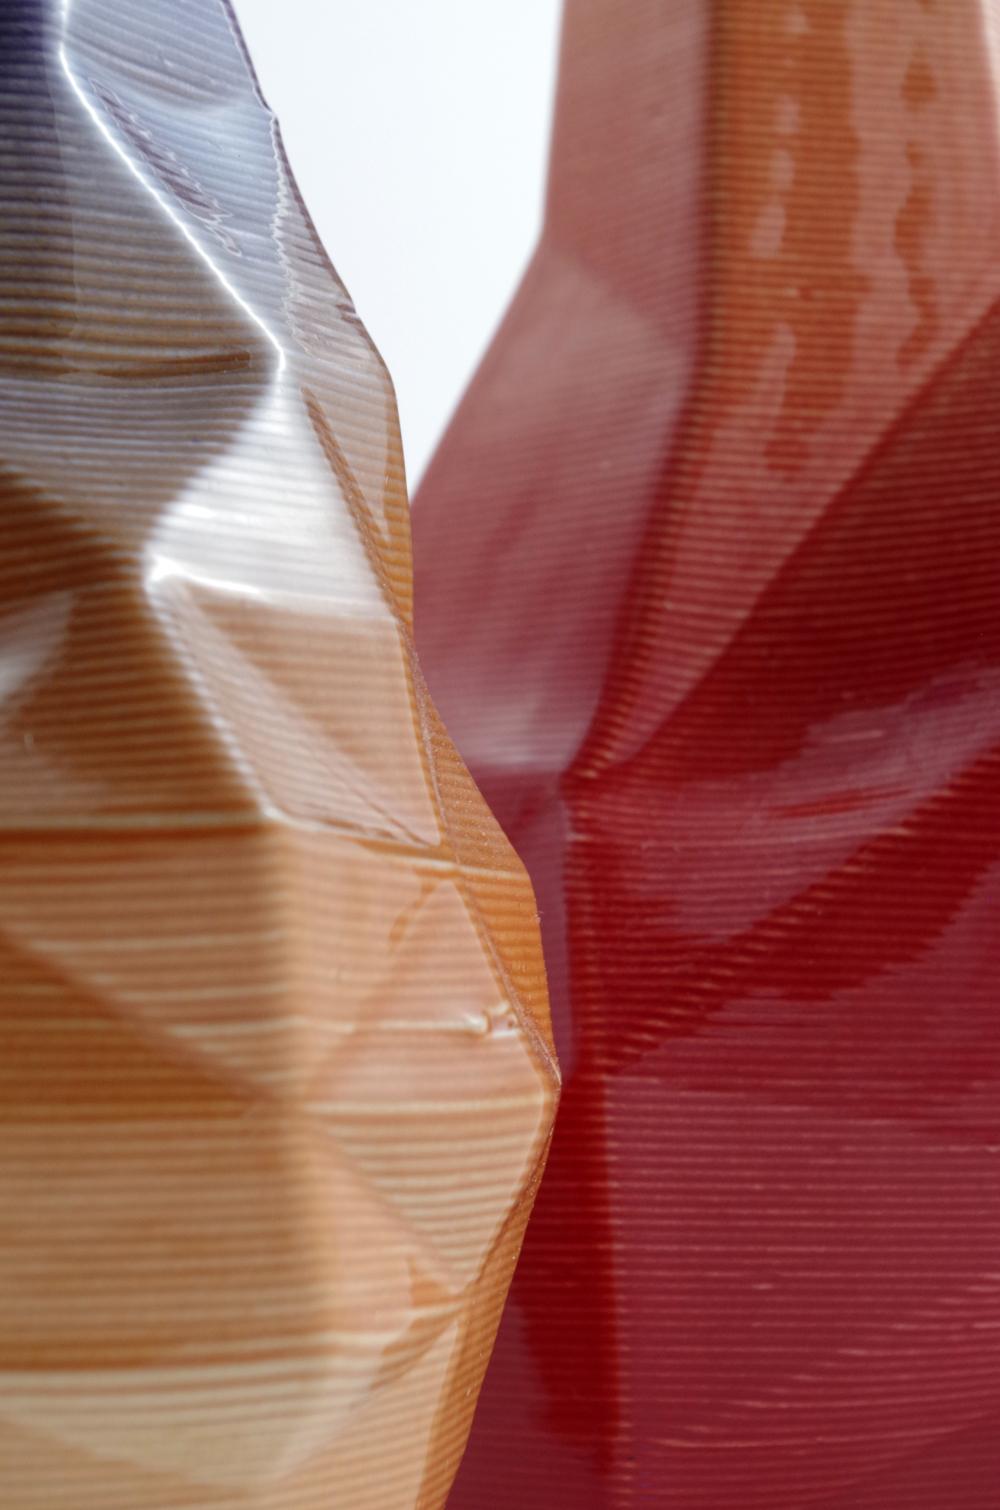 andrea_reggiani-davide_tuberga-3d-printed-ceramics-hisheji (3)